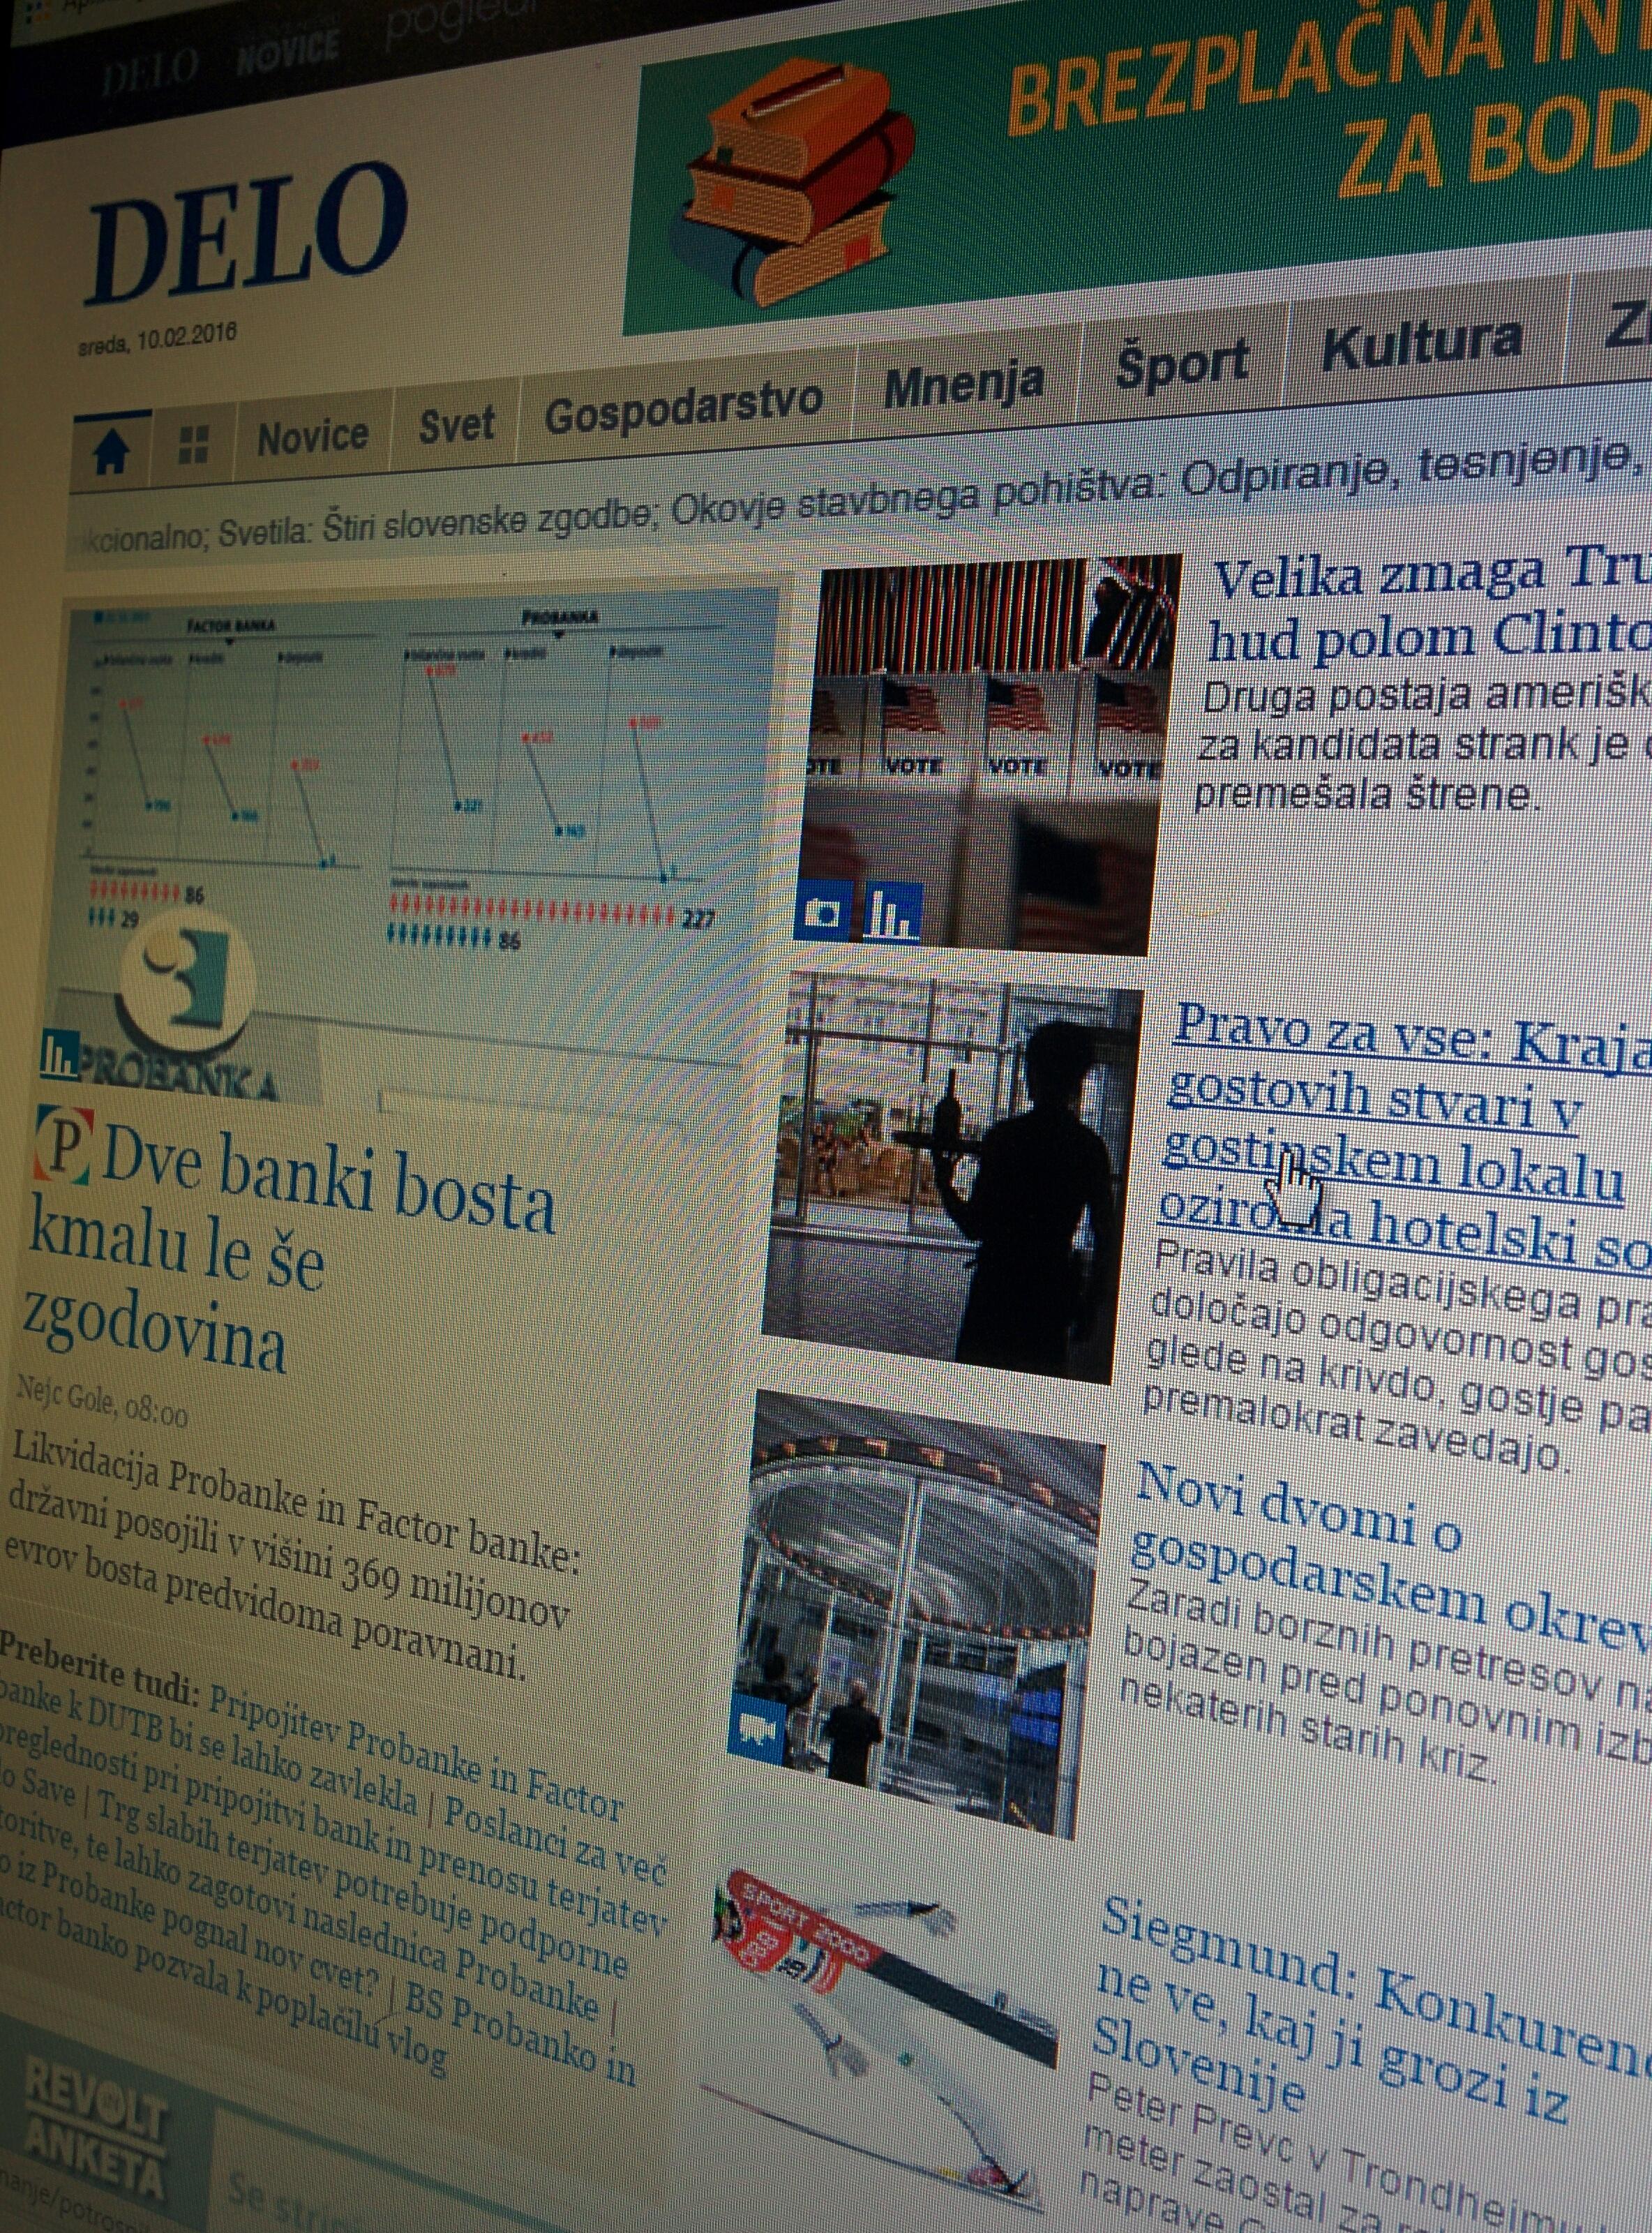 Nov članek na Delo.si